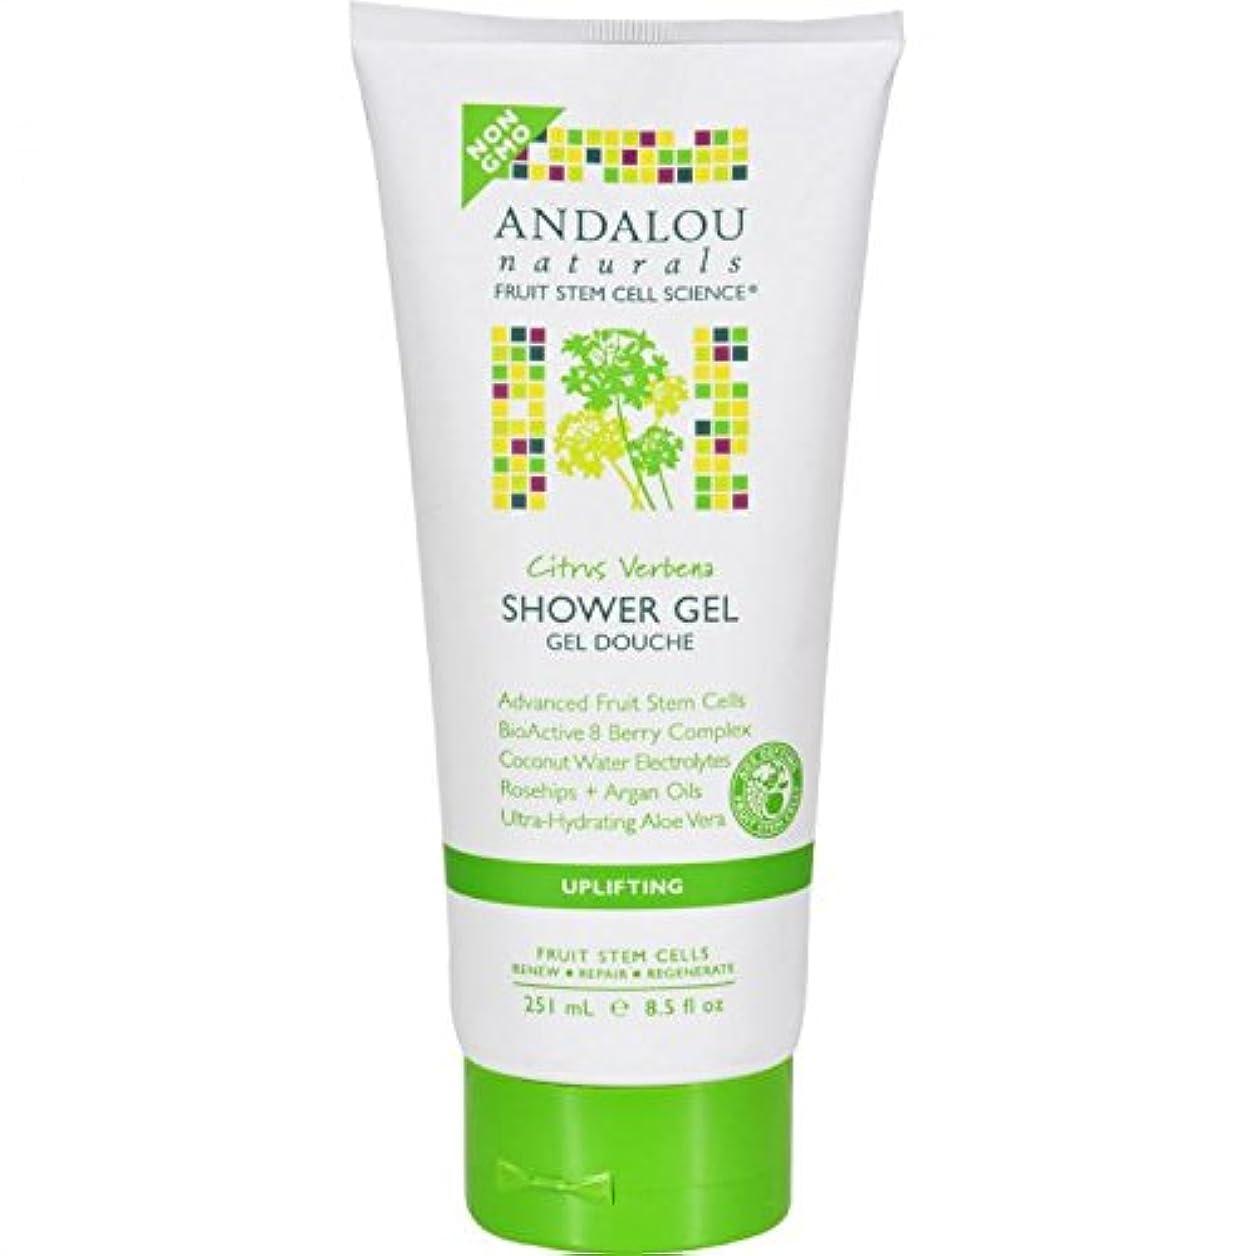 お気に入り回答オーナメントShower Gel - Citrus Verbena Uplifting - 8.5 fl oz by Andalou Naturals